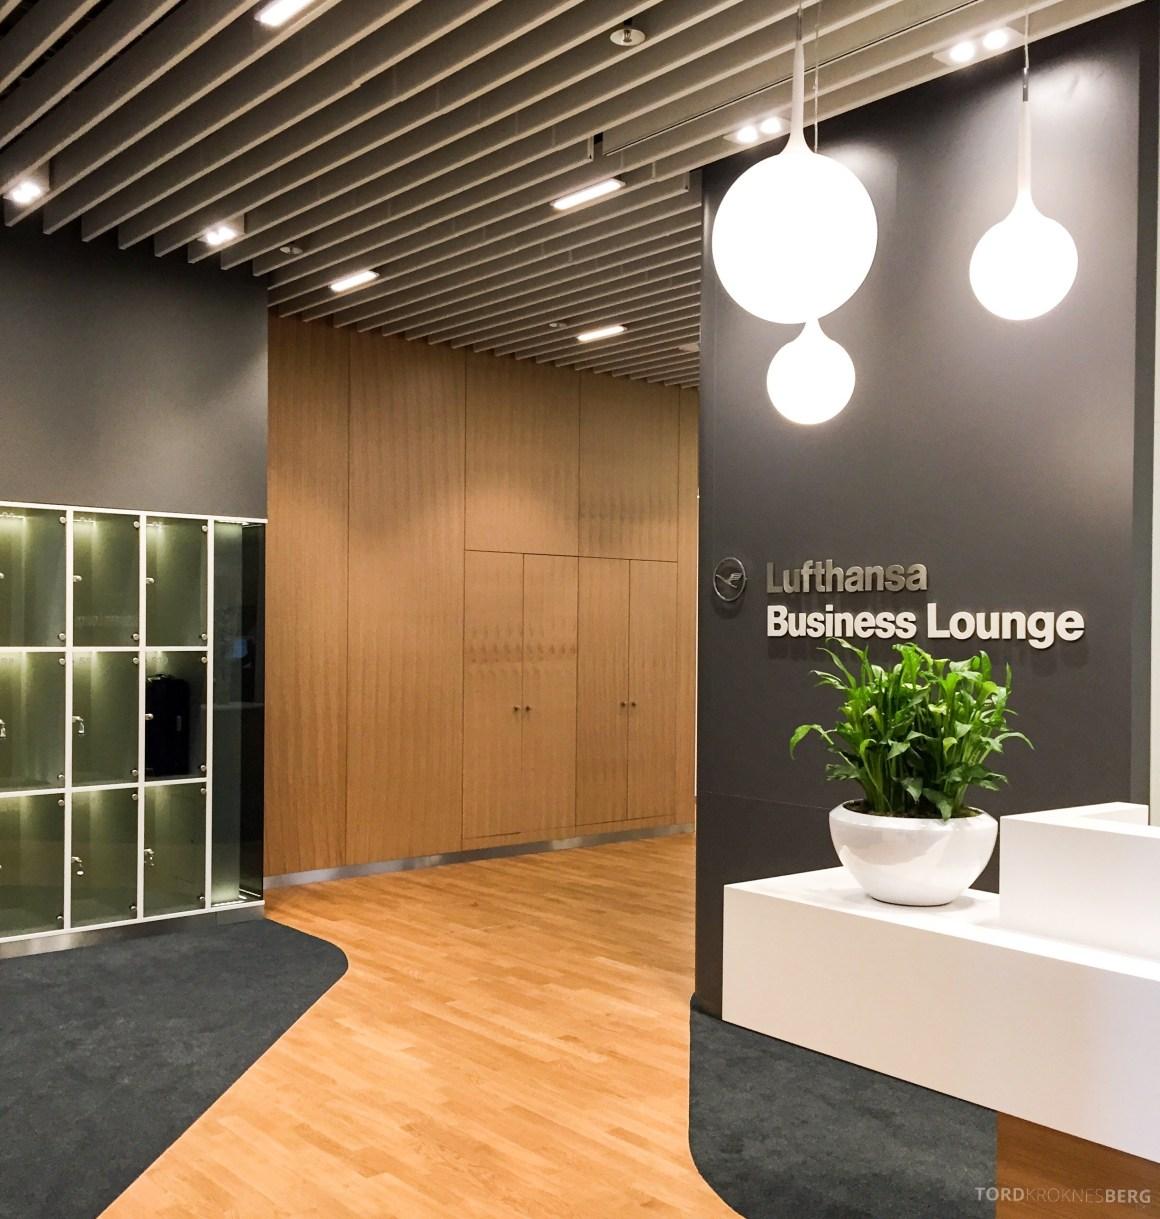 Lufthansa Business Lounge München